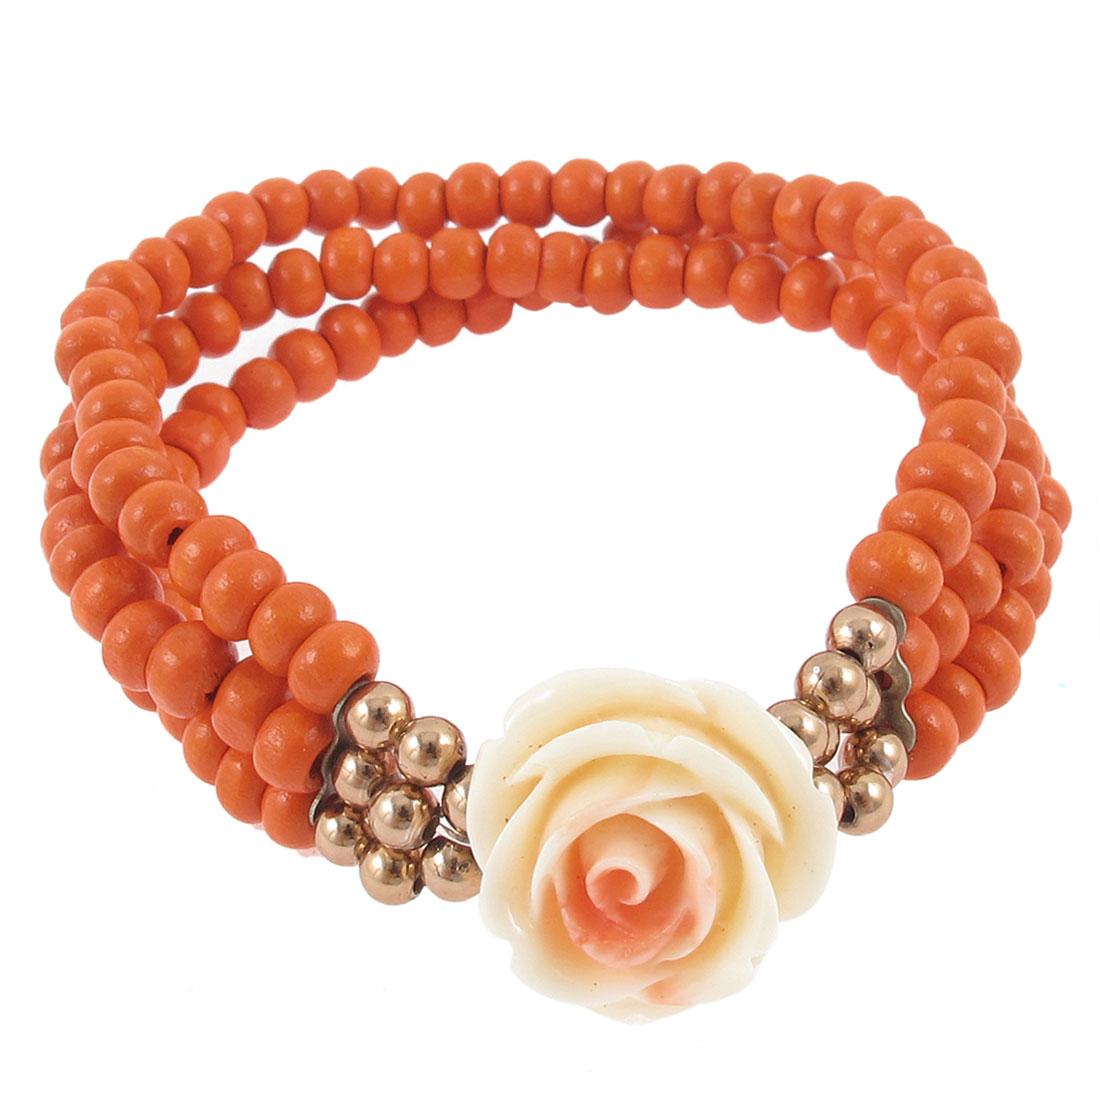 Woman Layered Stretchy Beading Flowers Linked Wrist Bracelet Gift Orange